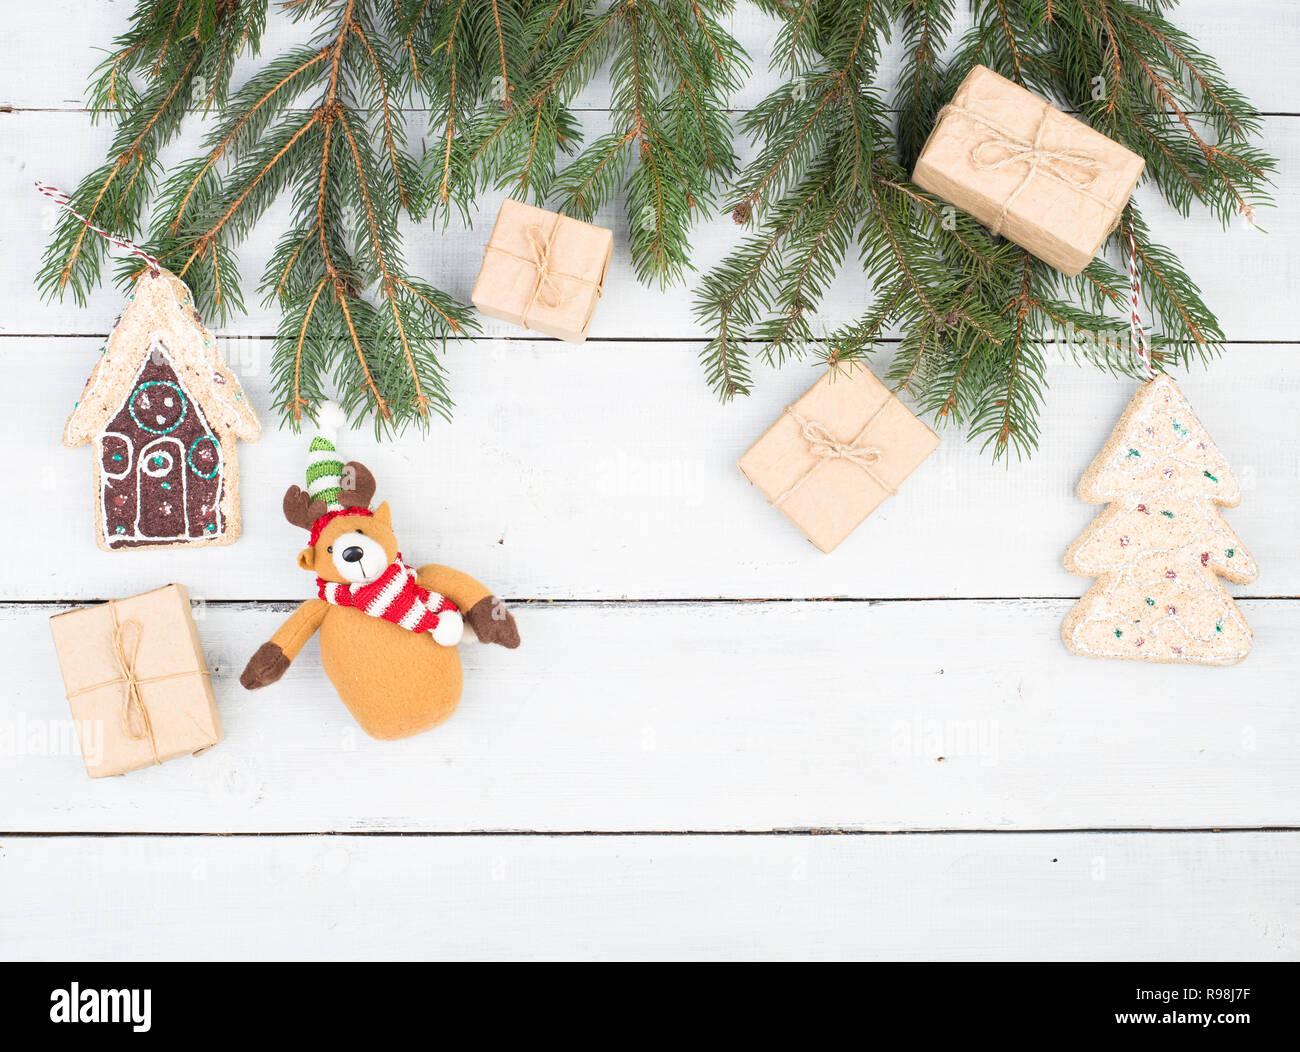 Branche D Arbre Sapin De Noel branches de sapin de noël, des boîtes-cadeaux, d'épices